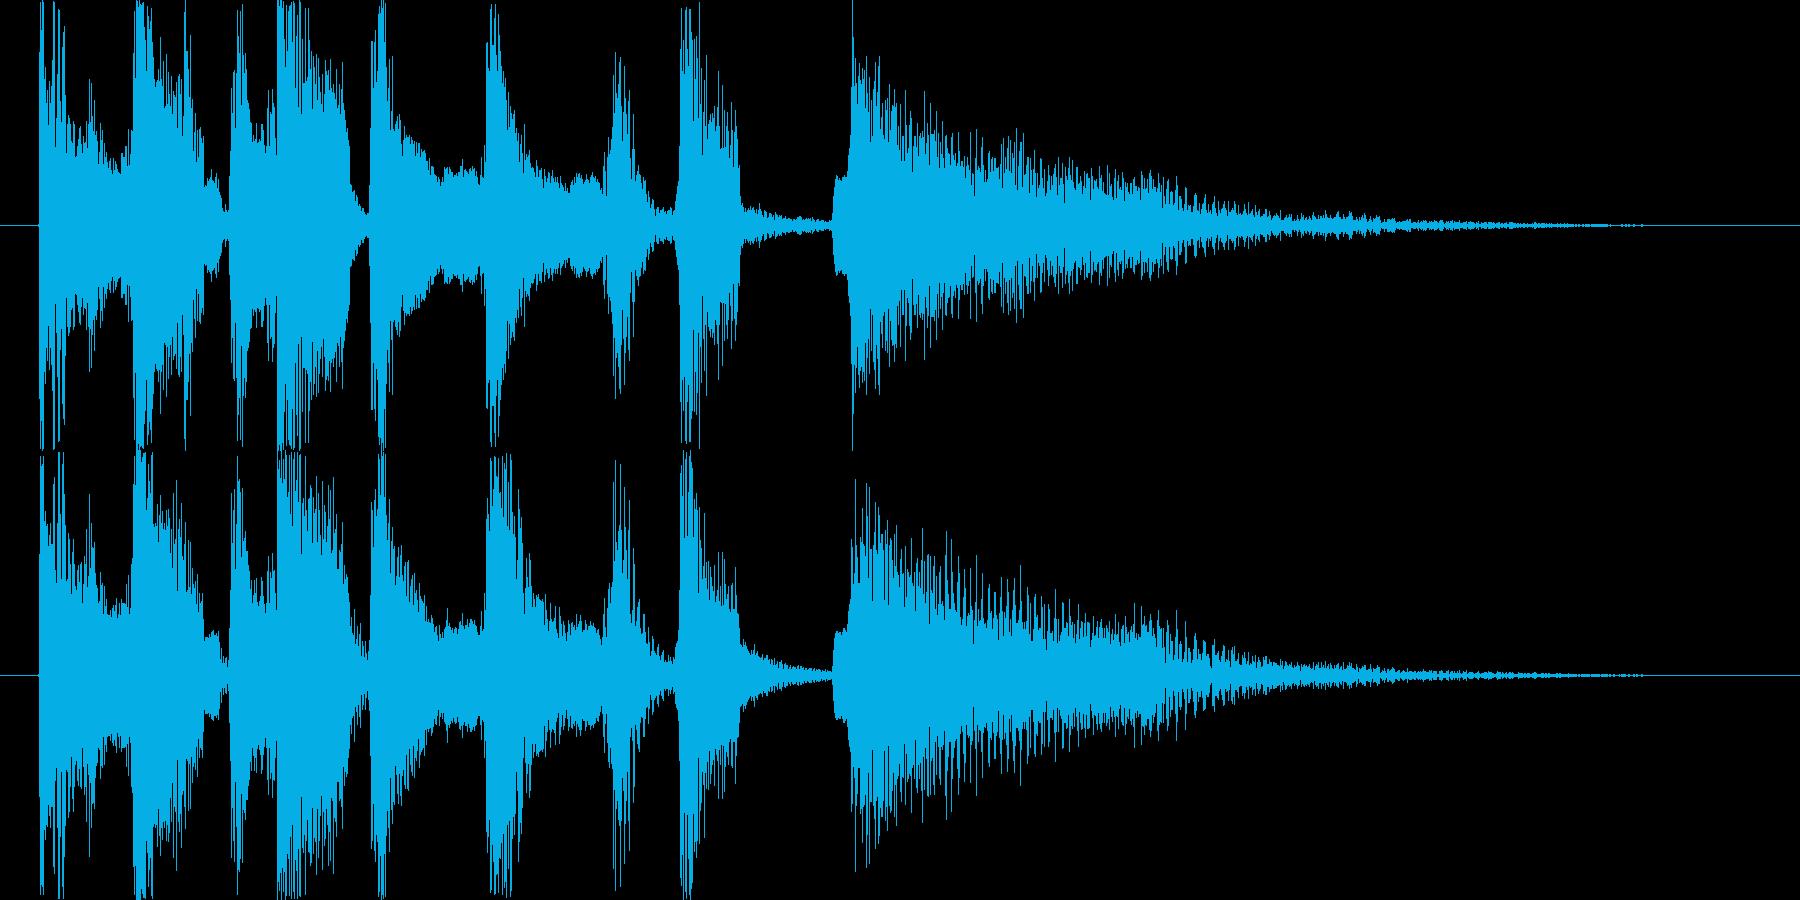 ロックオルガンのジングル(テンポ落ち)の再生済みの波形